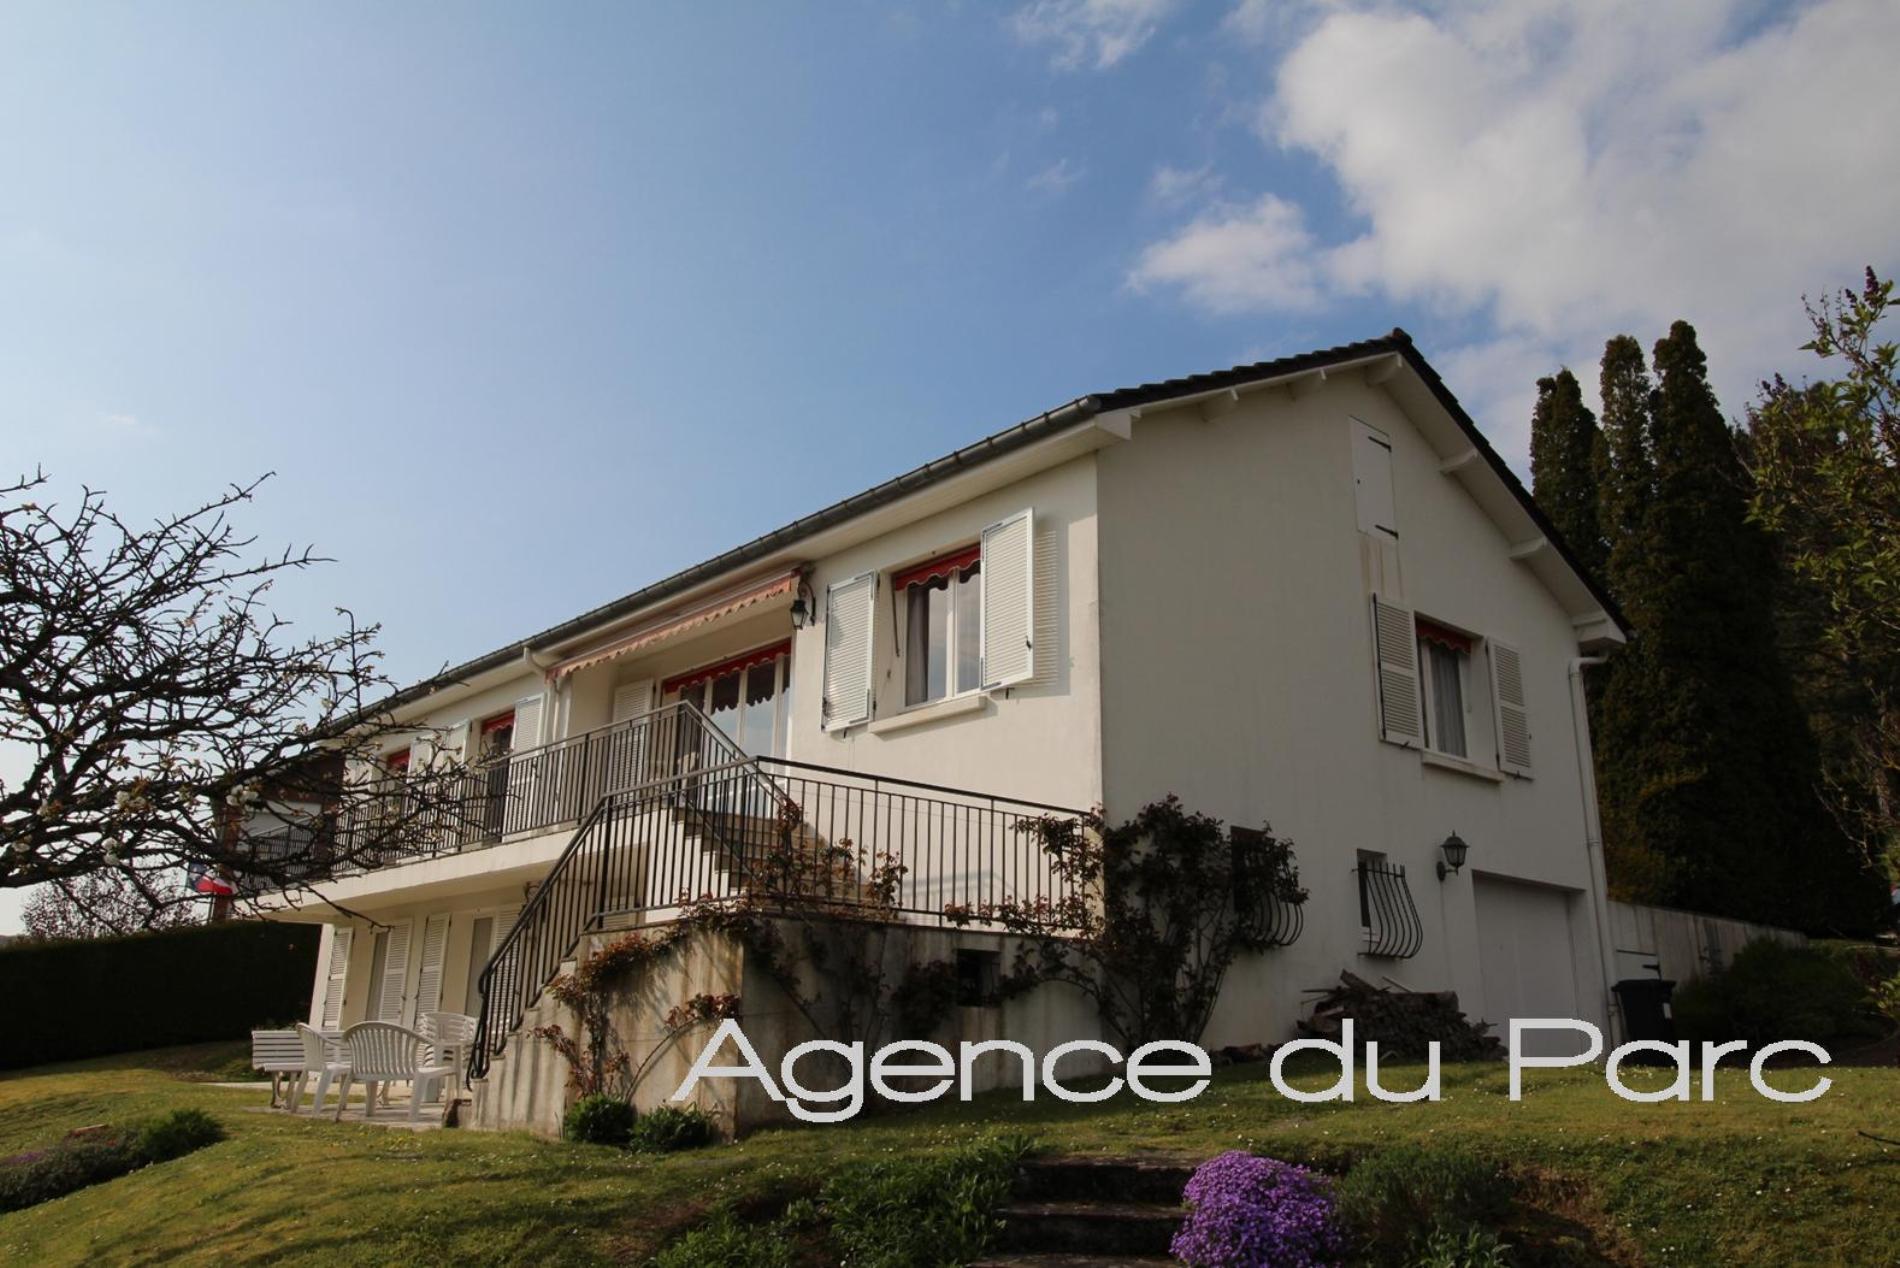 Acheter vente d 39 une vaste maison avec vue d gag e sur la for Acheter une maison de village